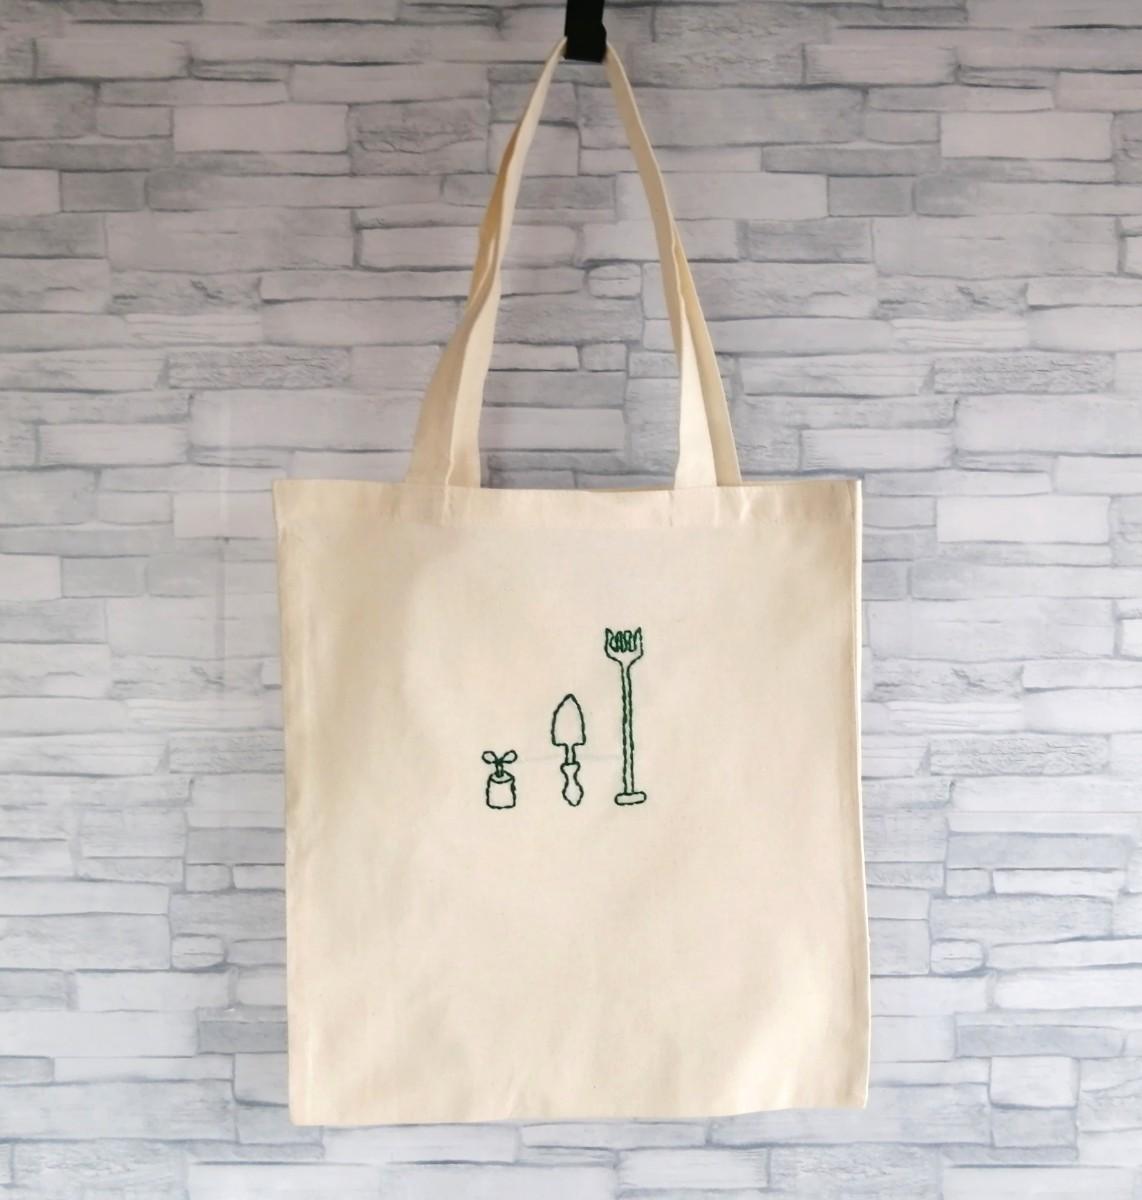 ハンドメイド ガーデニング 緑 手縫いの刺繍 トートバッグ ショルダーバッグ レッスンバッグ エコバッグ 生成り コットン